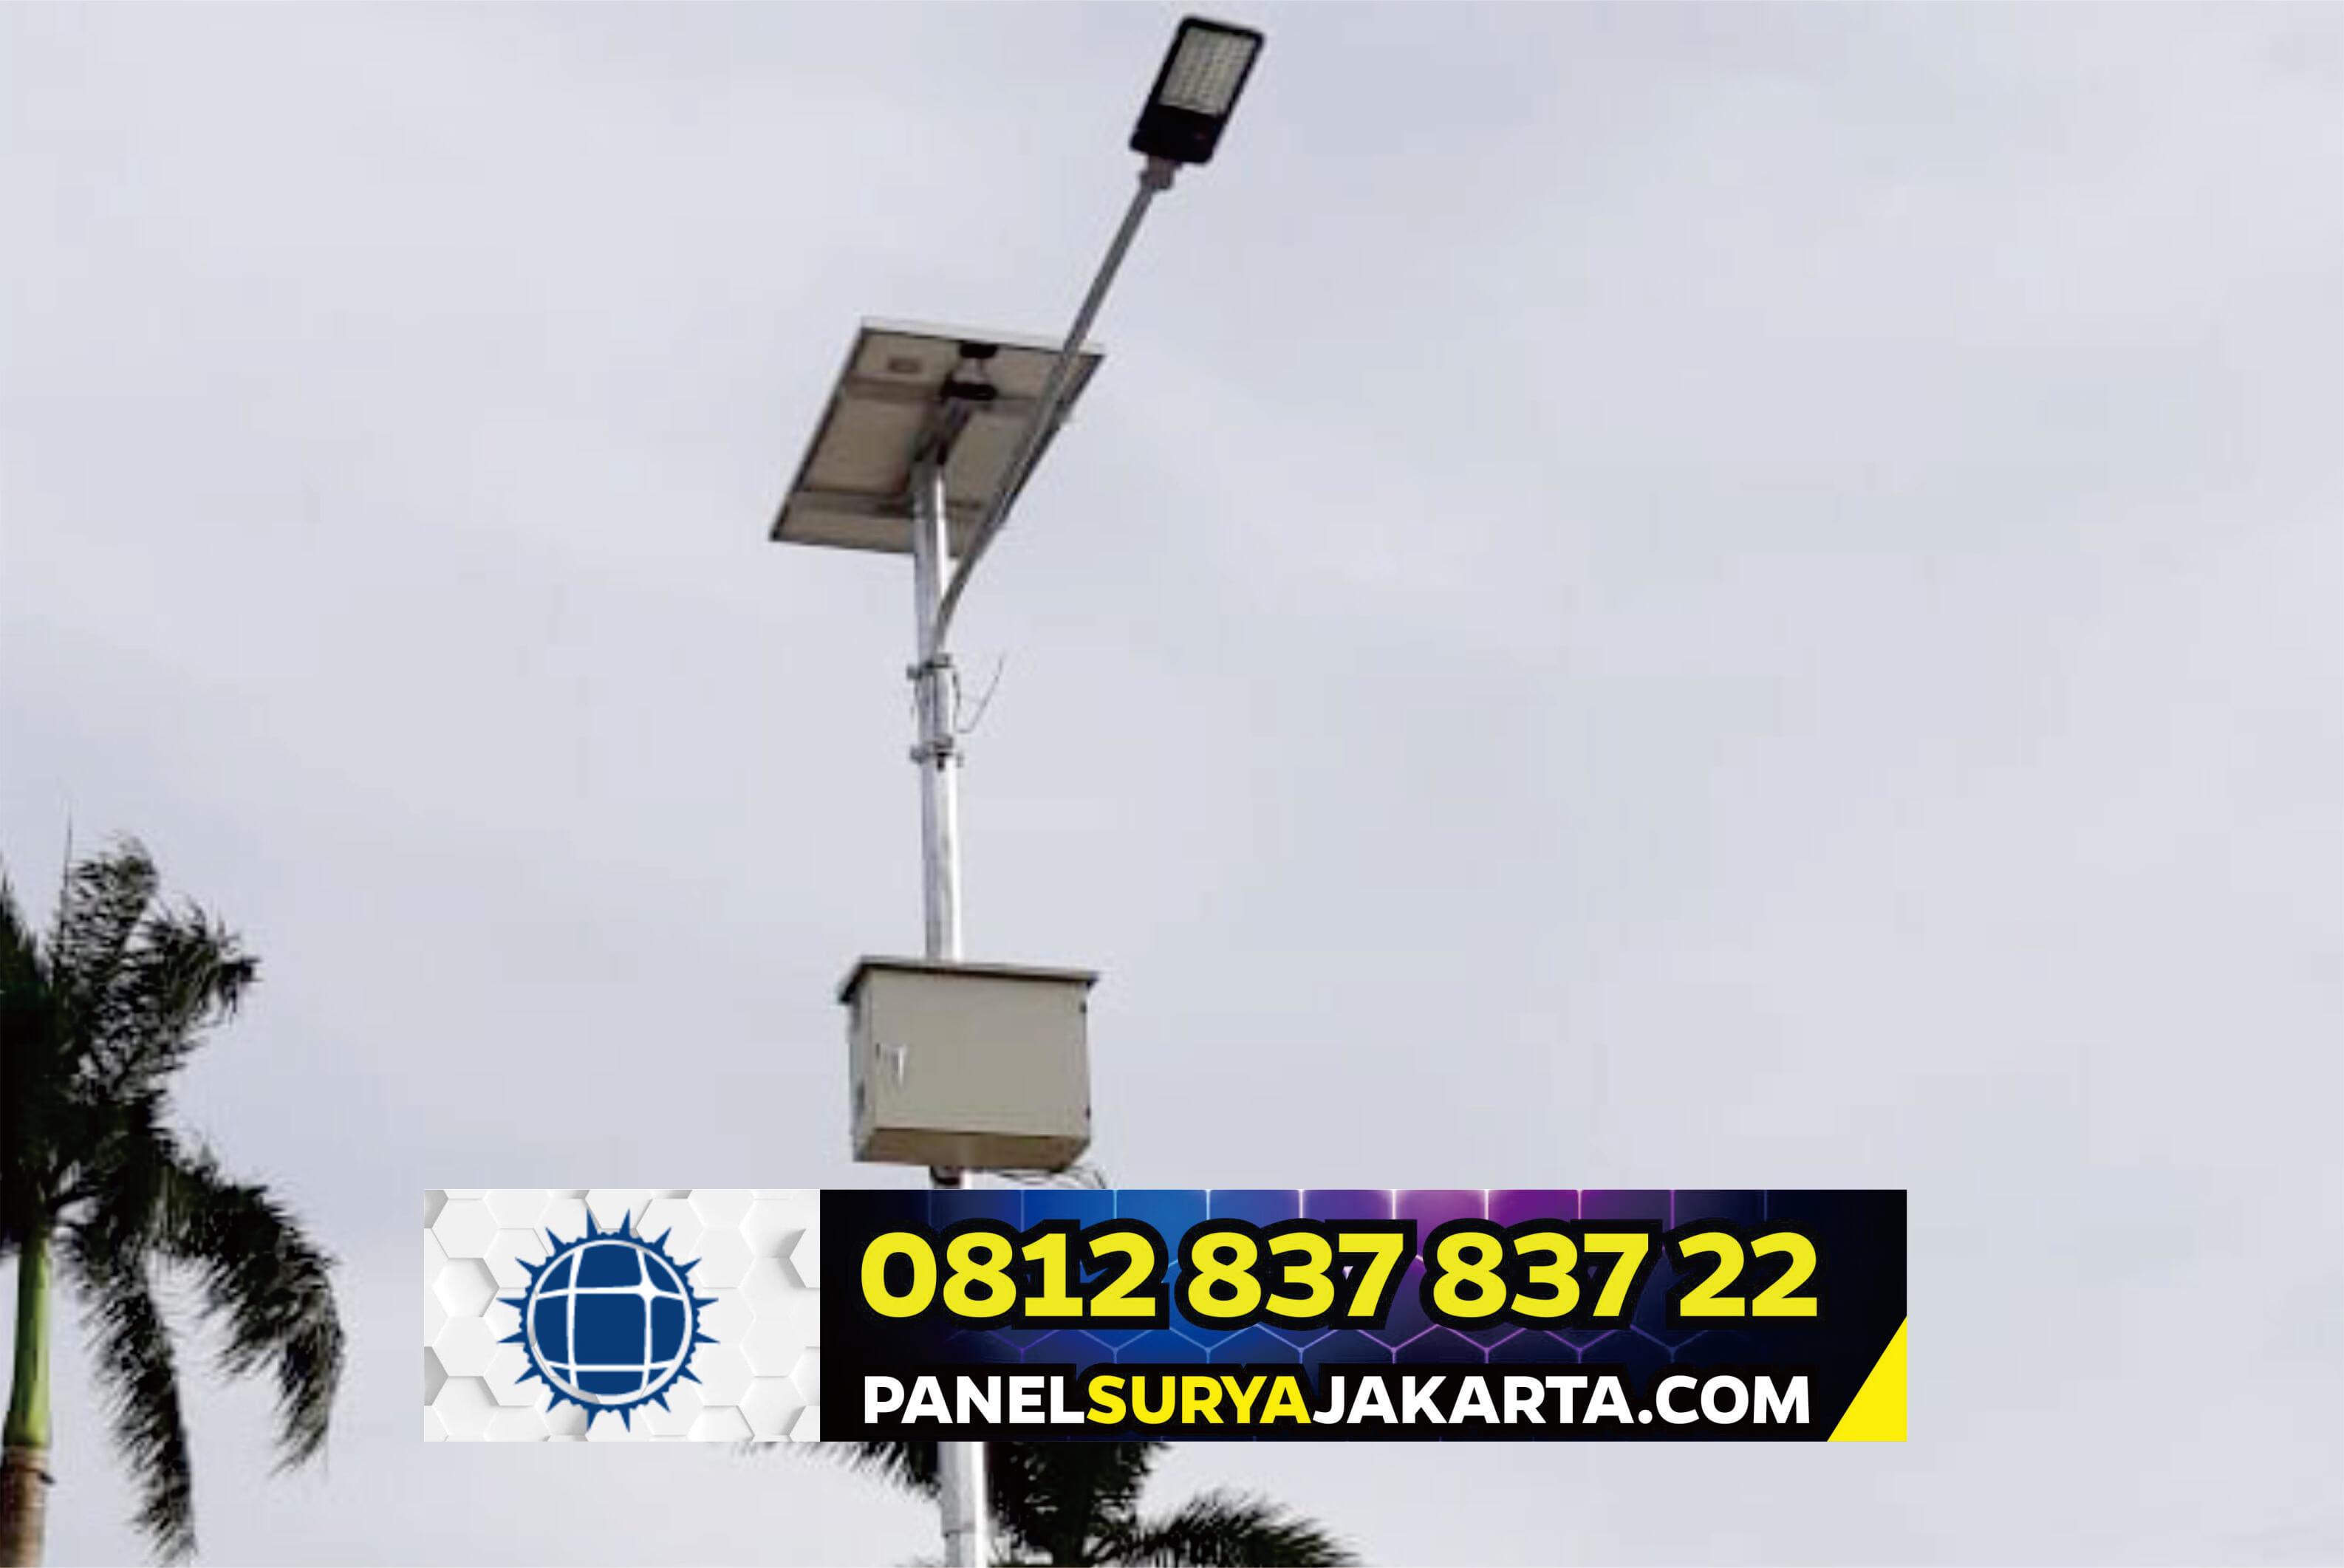 0812 837 837 22 Pt Sinar Bsj Kontraktor Lampu Jalan Solar Cell Jakarta